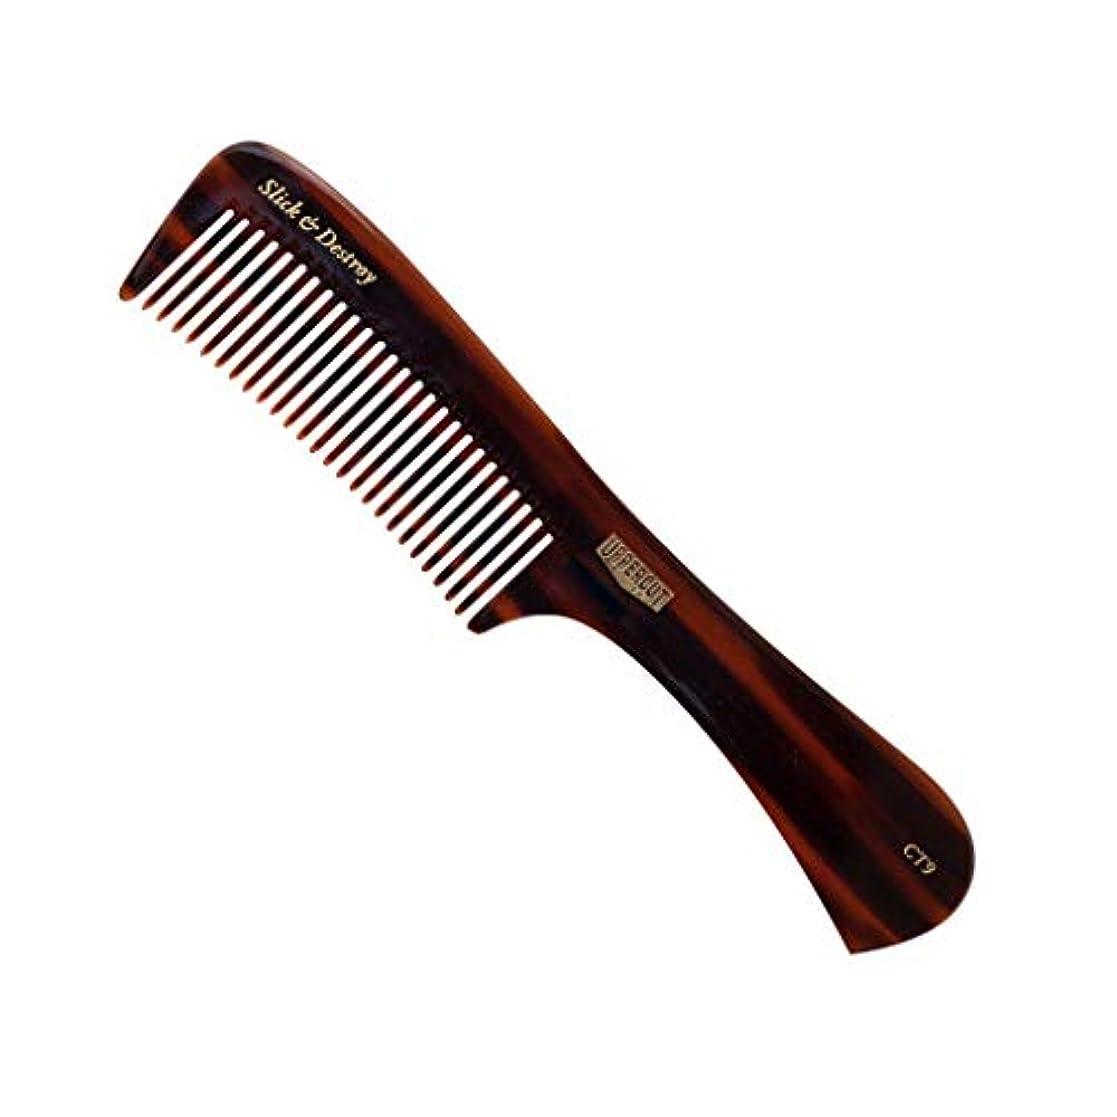 ゼリー恐怖好むUppercut Deluxe CT9 Styling Comb - # Tortoise Shell Brown 1pc [並行輸入品]